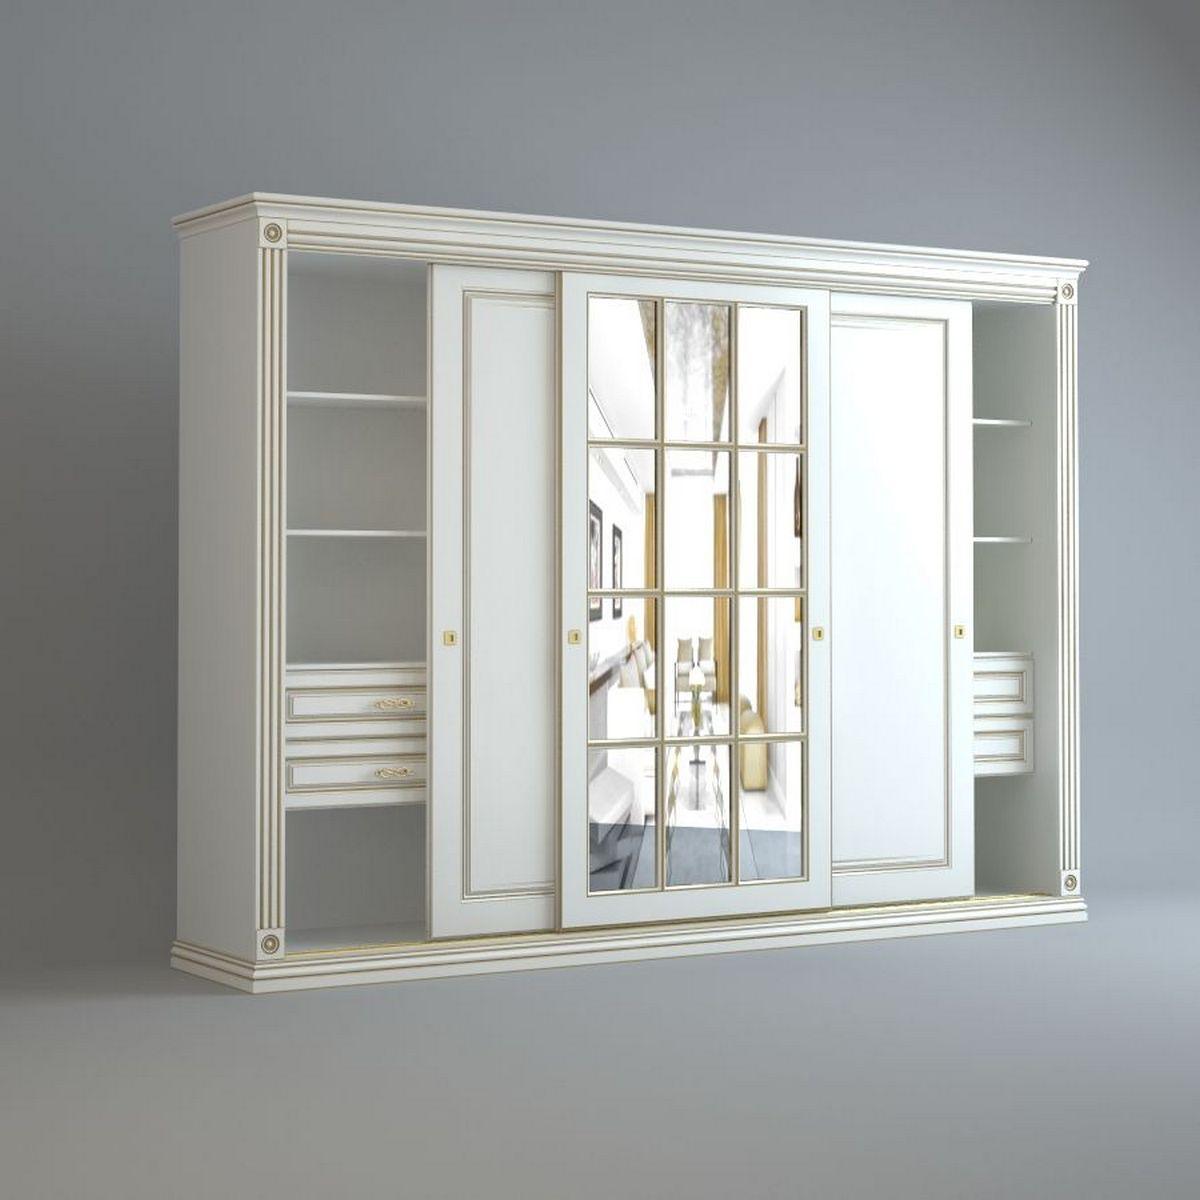 светлые шкафы для спальни в классическом стиле